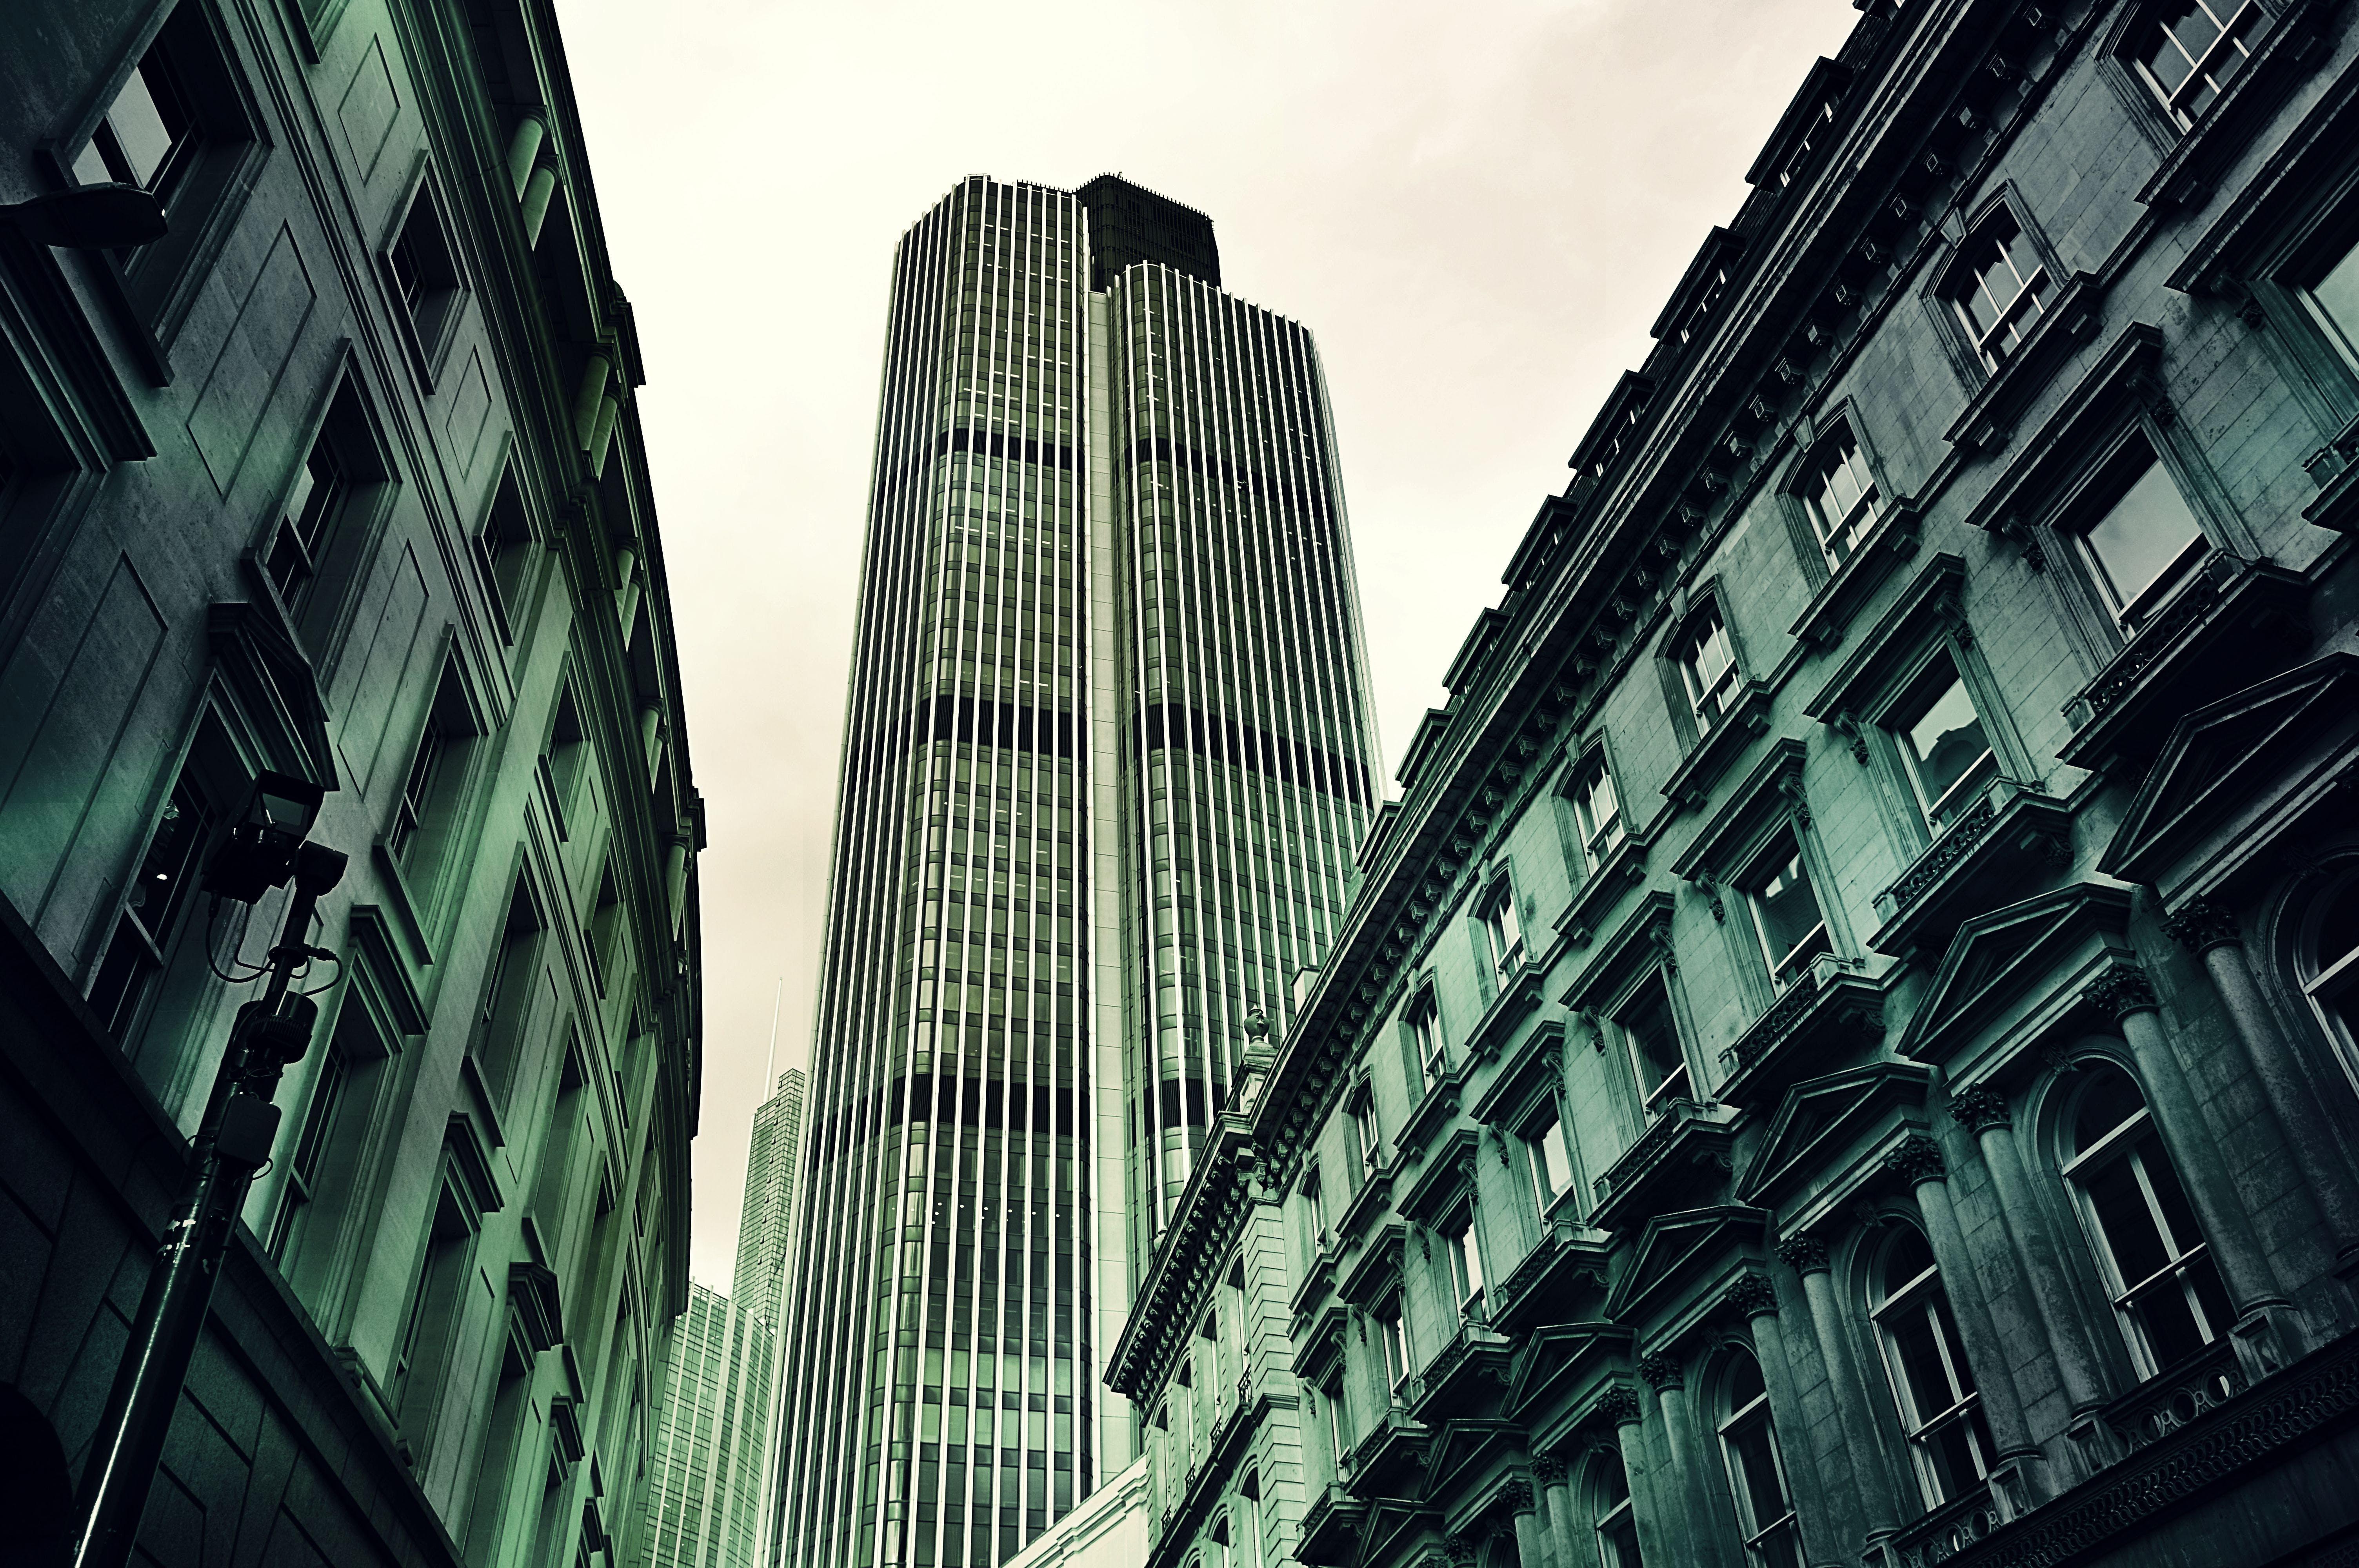 Kostenloses Stock Foto zu architektur, architekturdesign, business, draußen